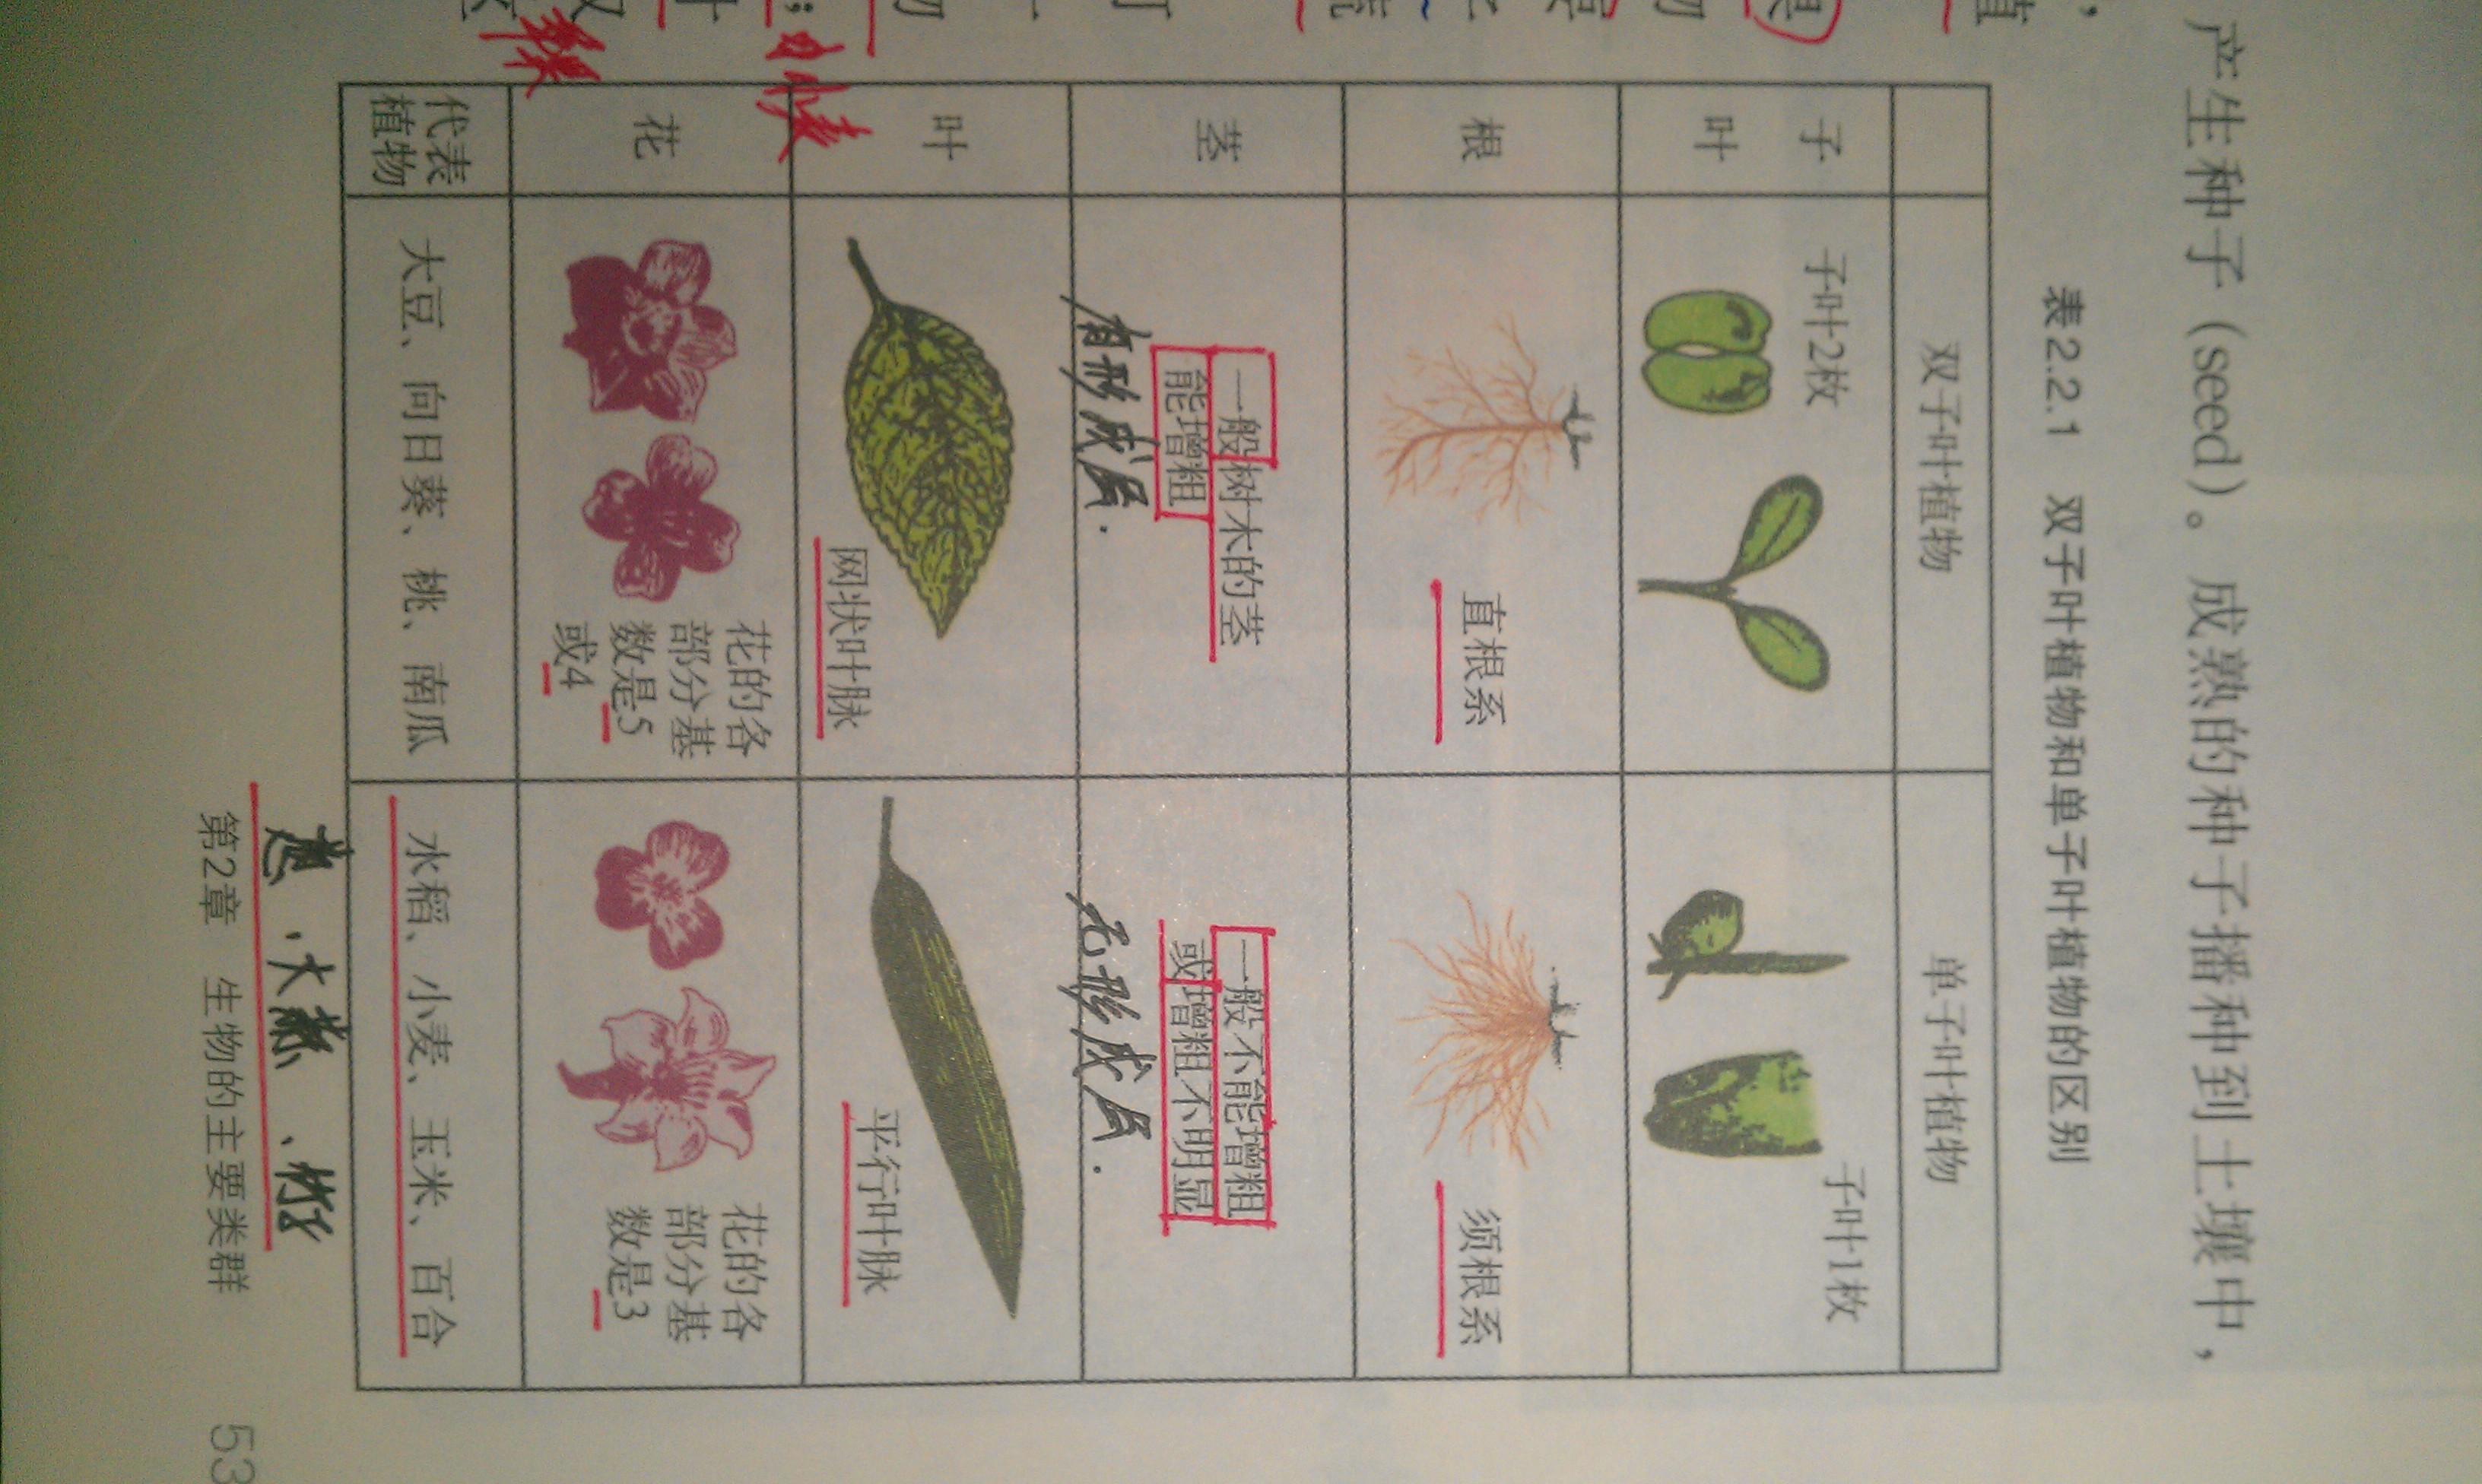 具有两片子叶的植物叫双子叶植物